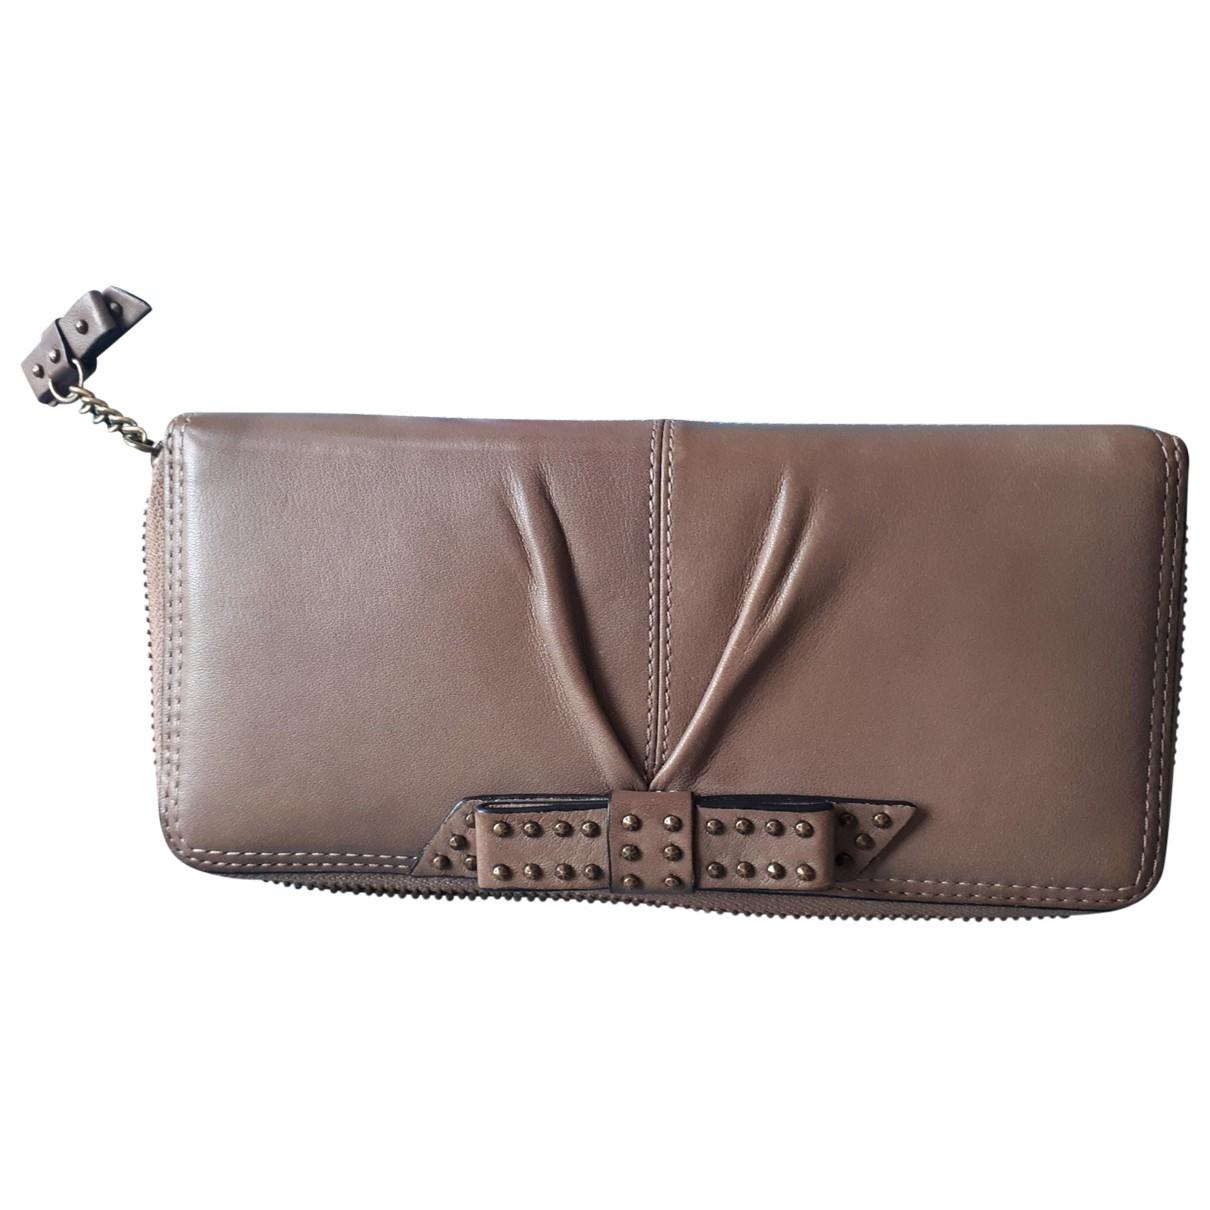 Kenzo \N Brown Leather wallet for Women \N